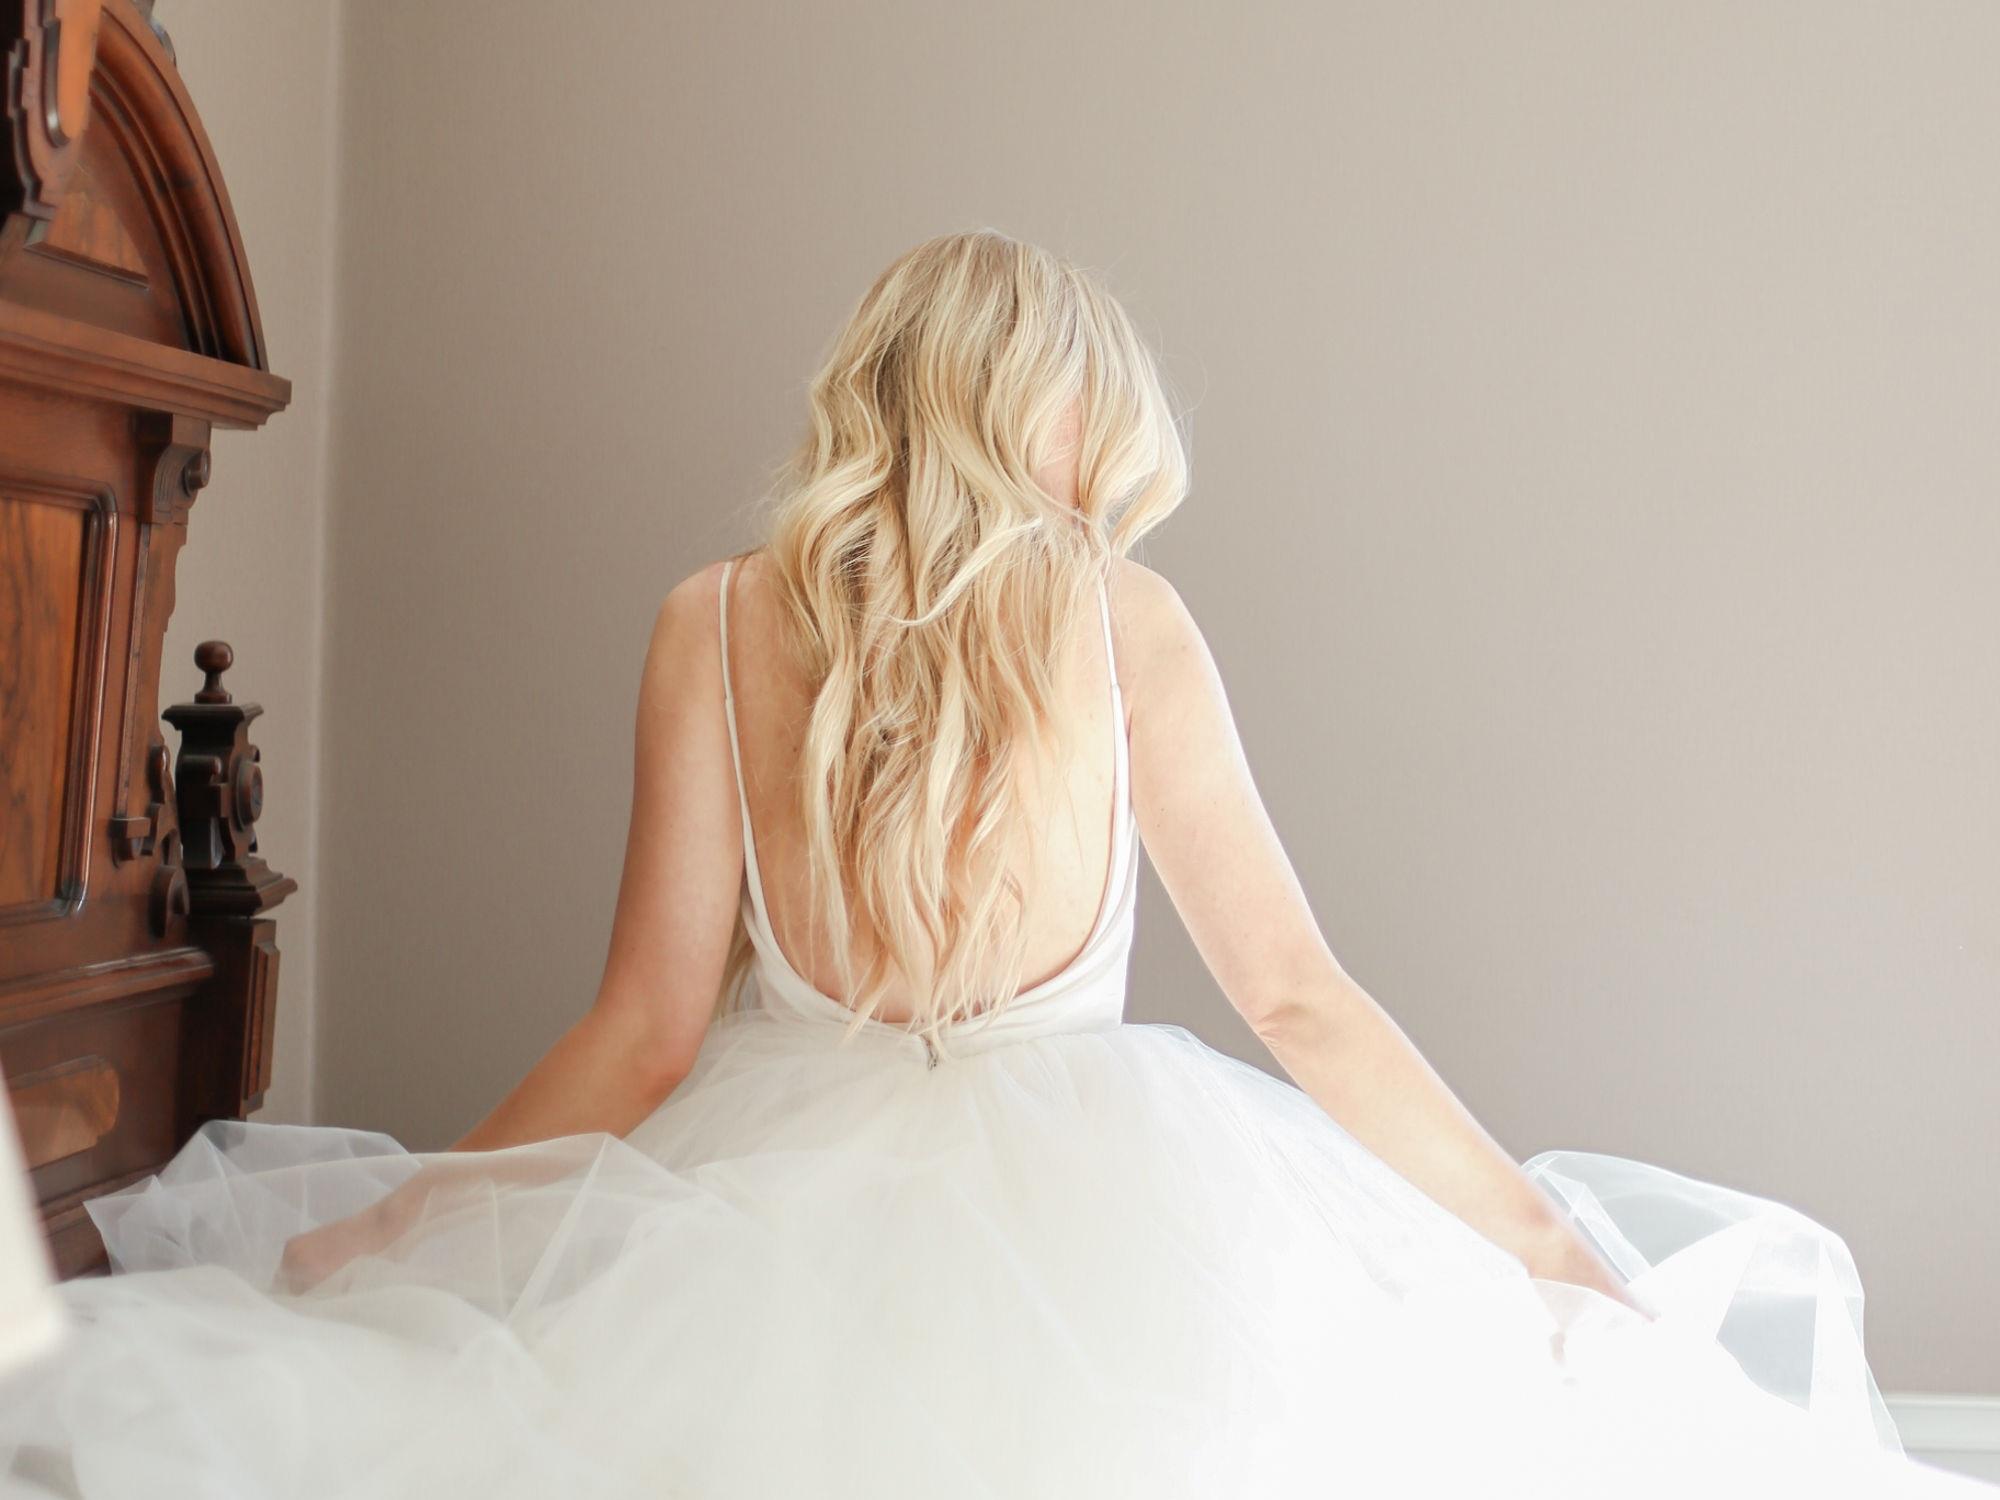 jennifer-hayward%2Croanoke-wedding-photographer%2Croanoke-maternity-photographer-78.jpg